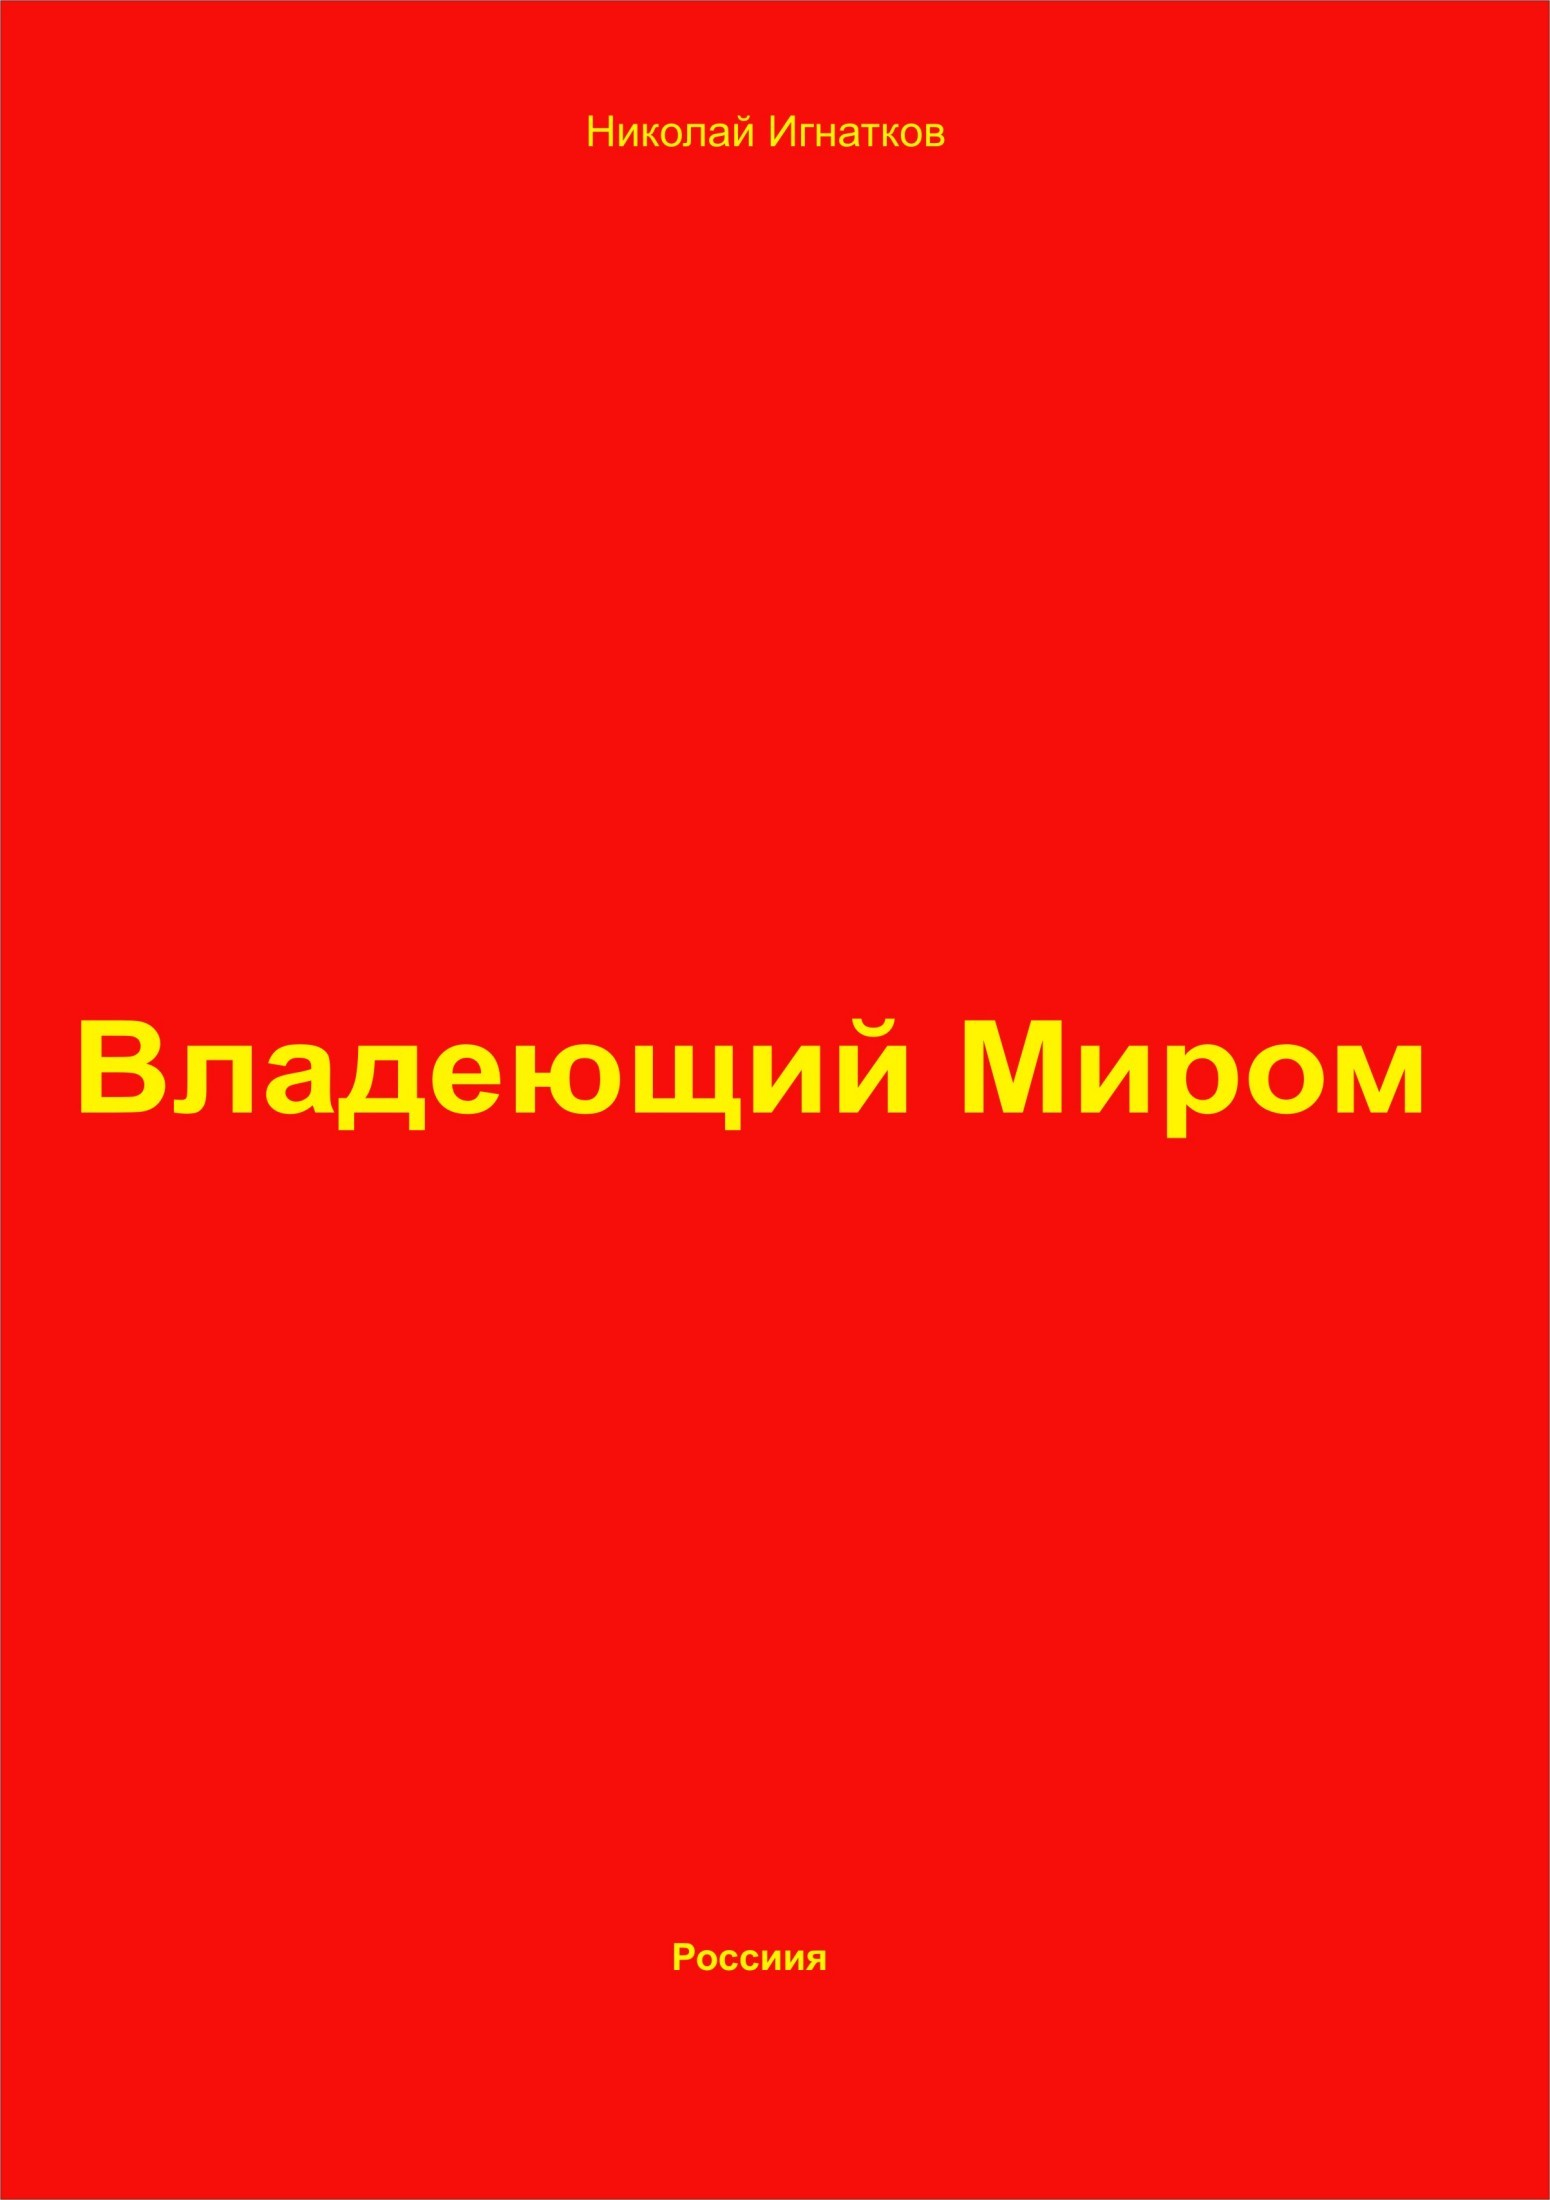 Николай Викторович Игнатков Владеющий Миром